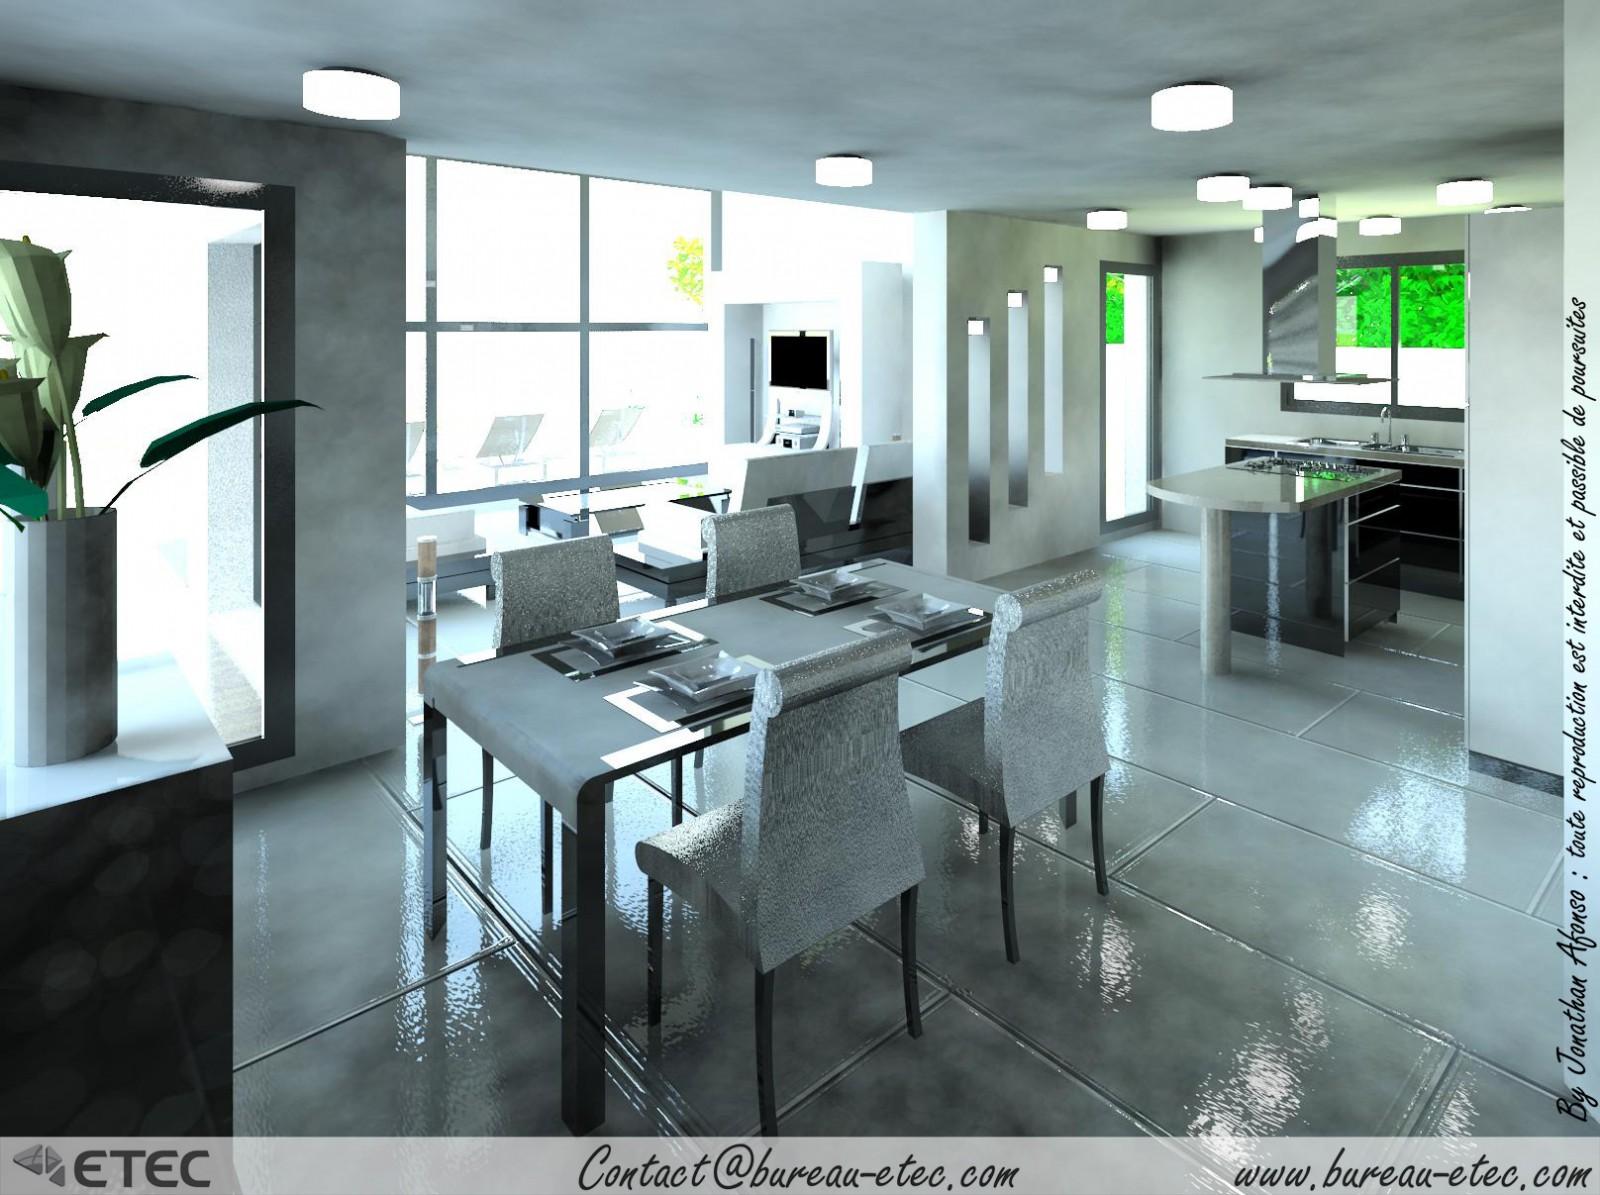 Maison toit terrasse grande fino etec for Toit vitre maison